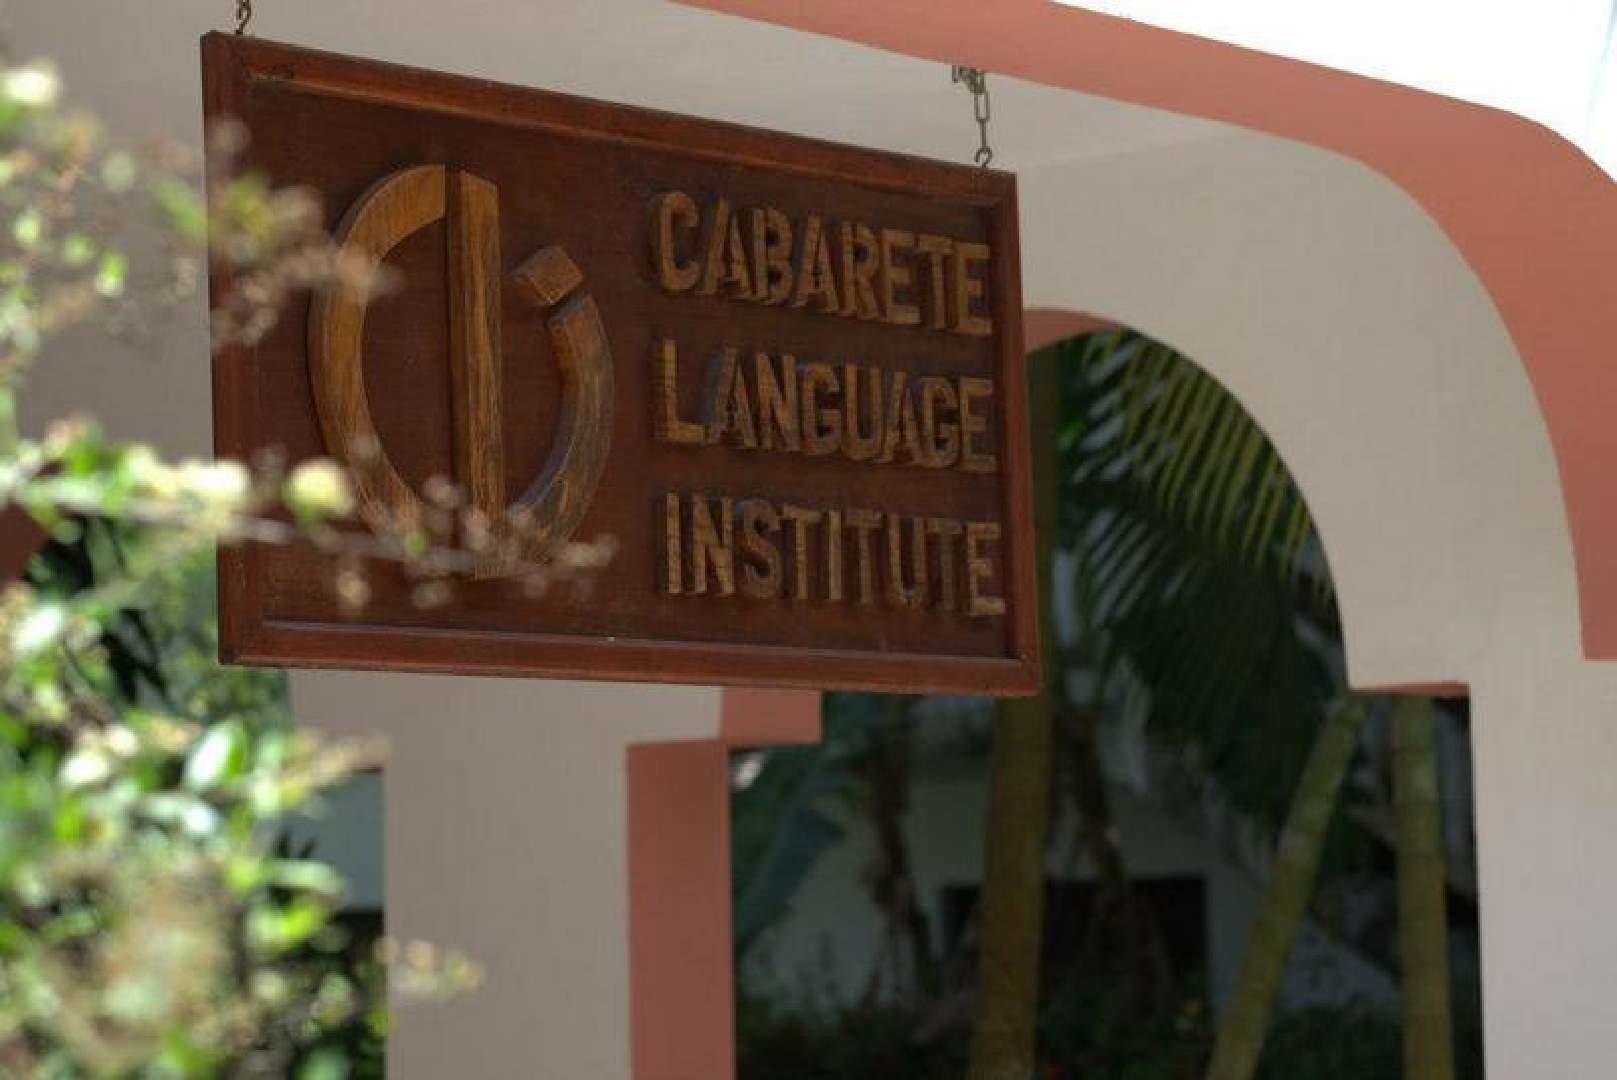 Cabarete Language Institute (Cabarete, Dominican Republic